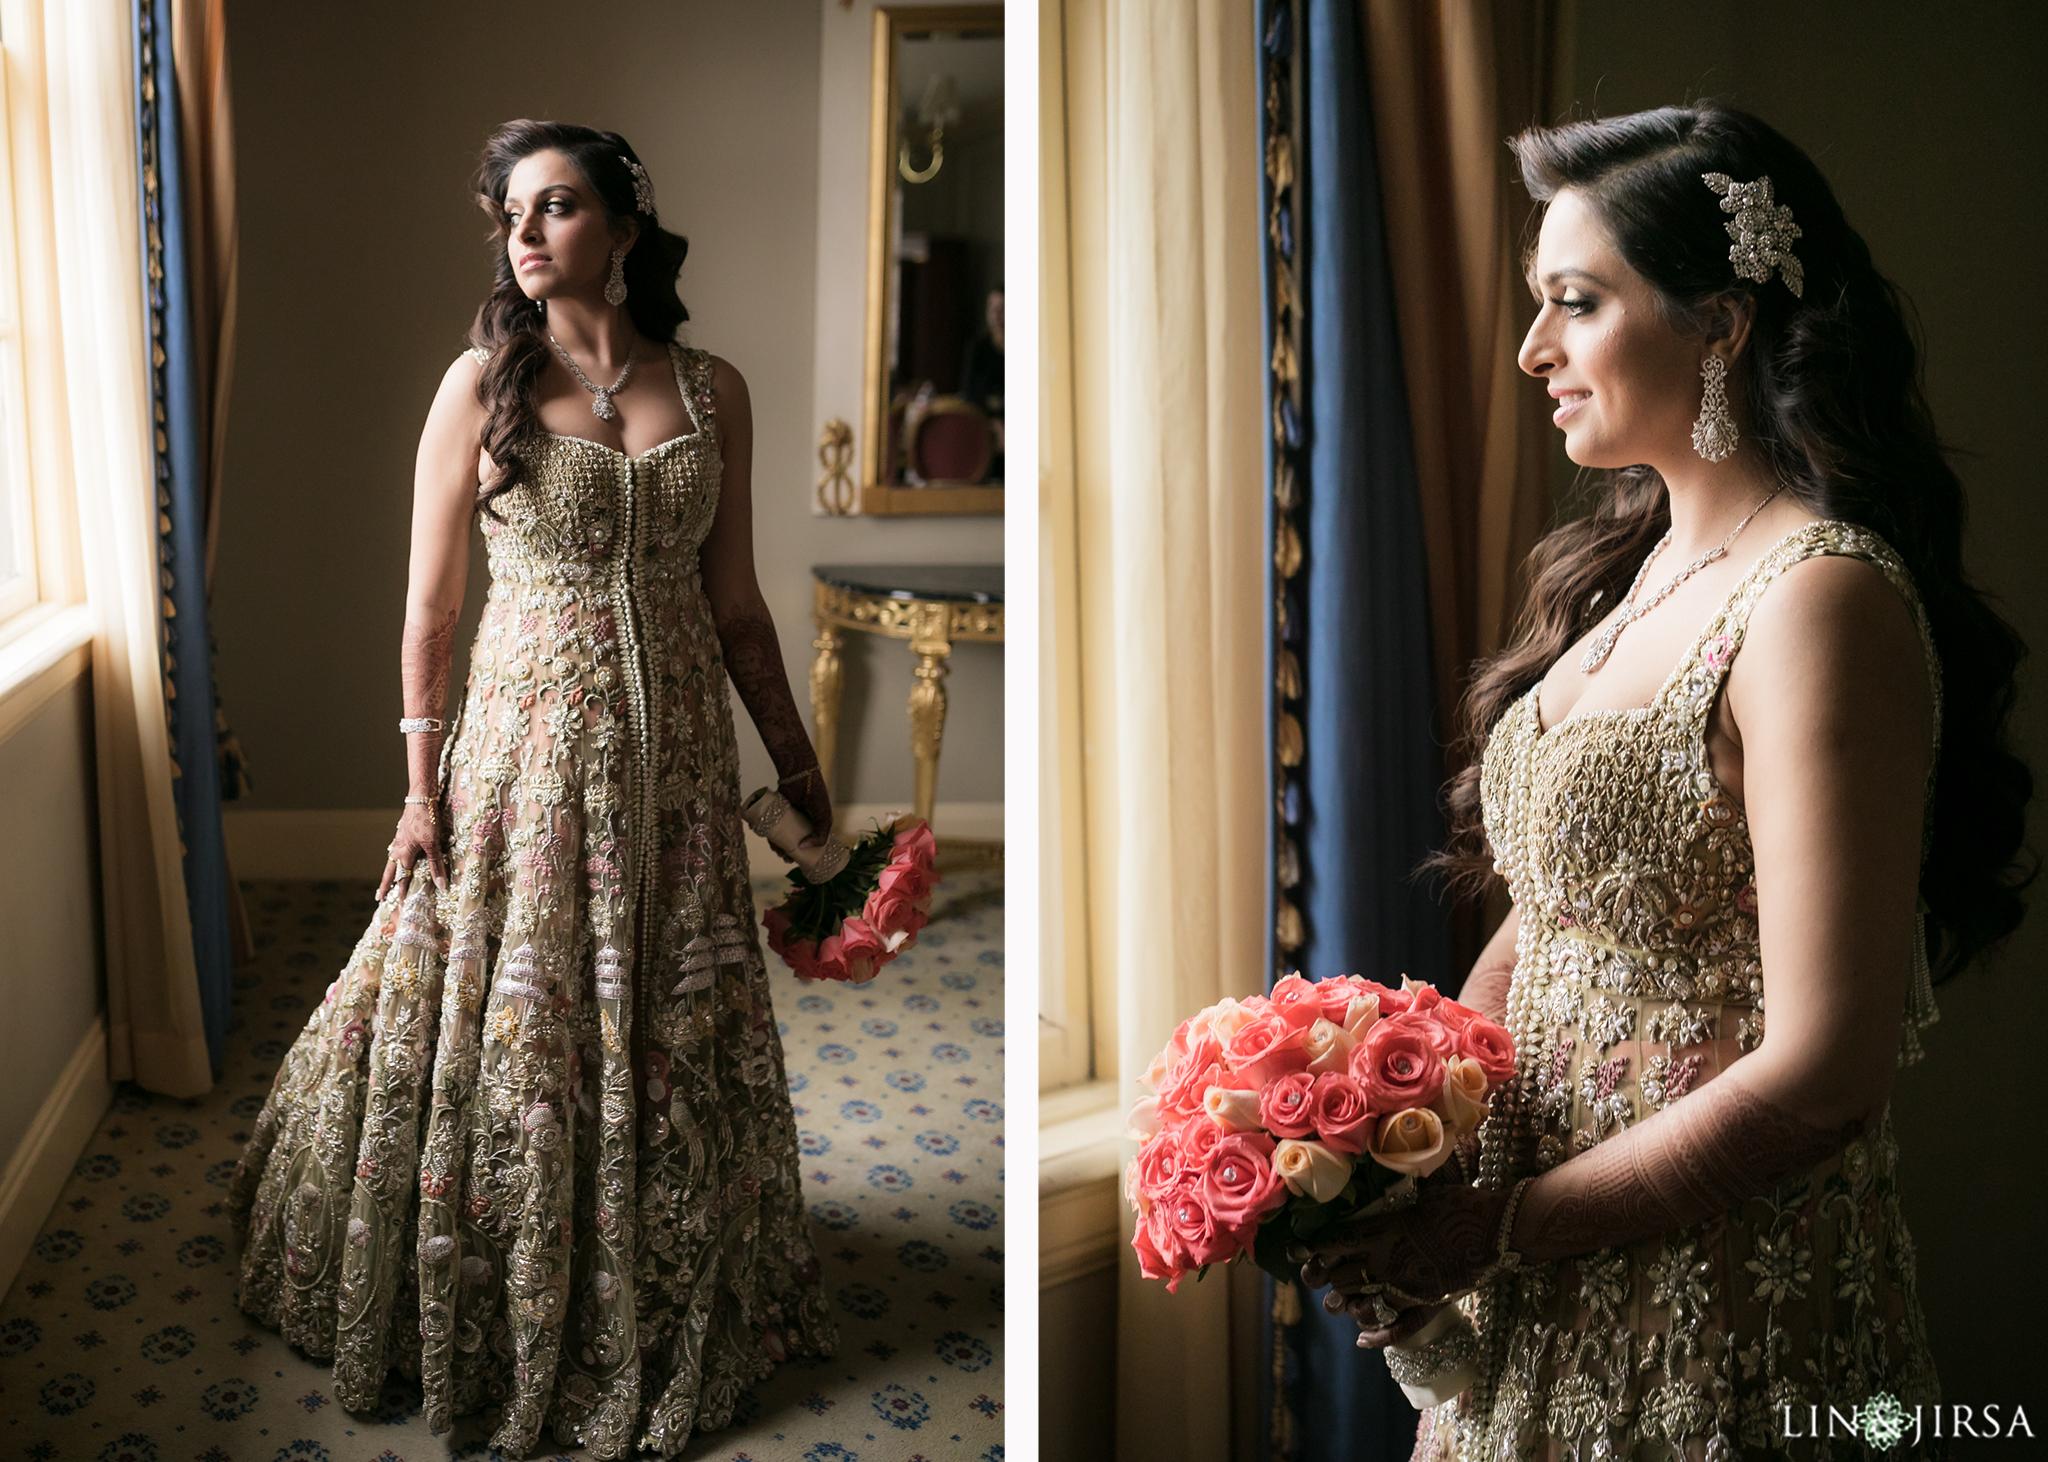 03-biltmore-hotel-los-angeles-wedding-reception-photography